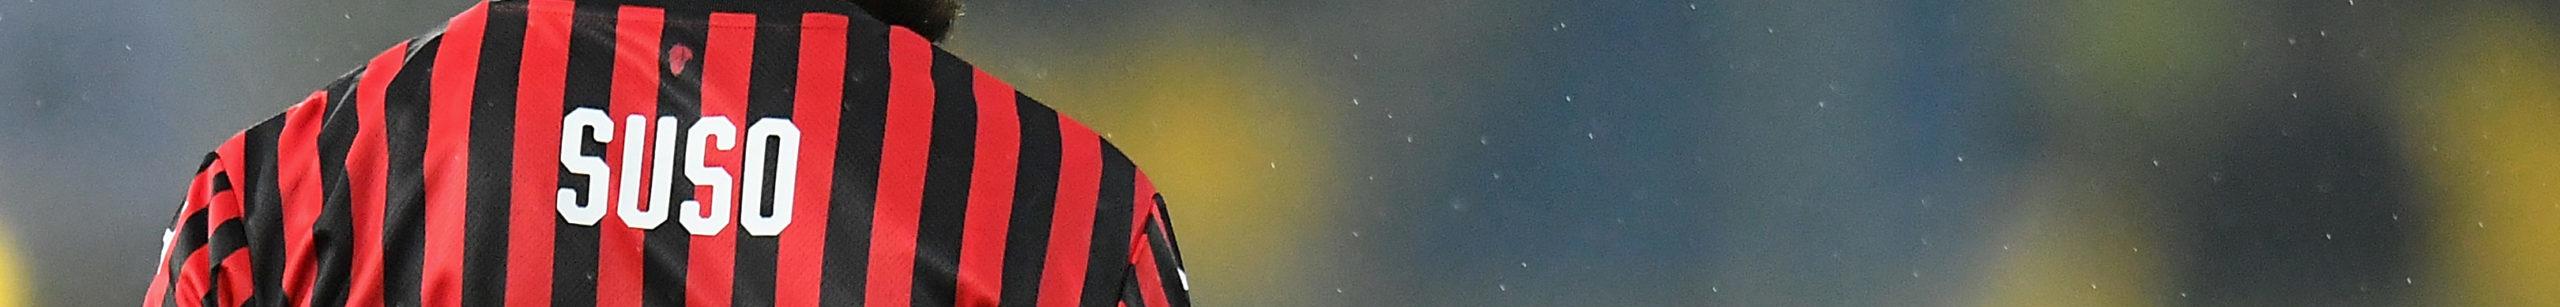 Calciomercato Roma: a gennaio caccia al sostituto di Zaniolo, Suso in pole